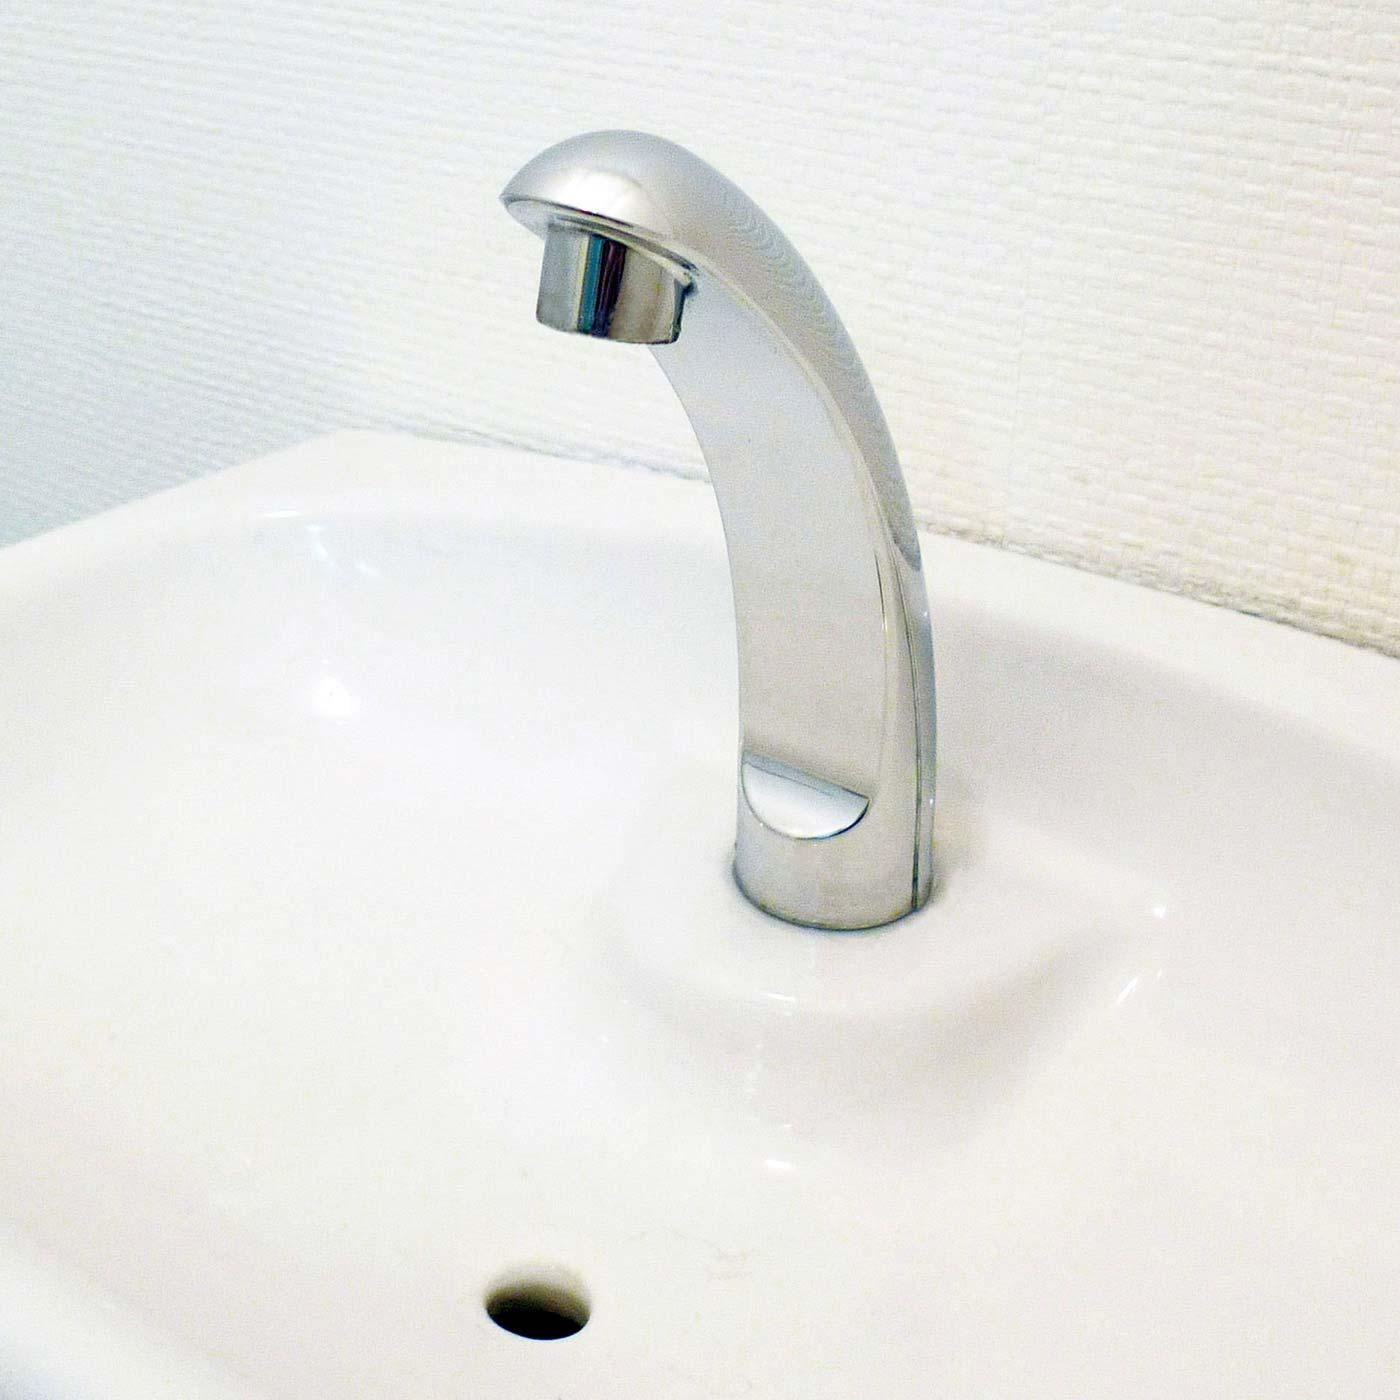 トイレタンクの蛇口に付いた緑色のさびもきれいに! ※使用状況により効果は異なります。